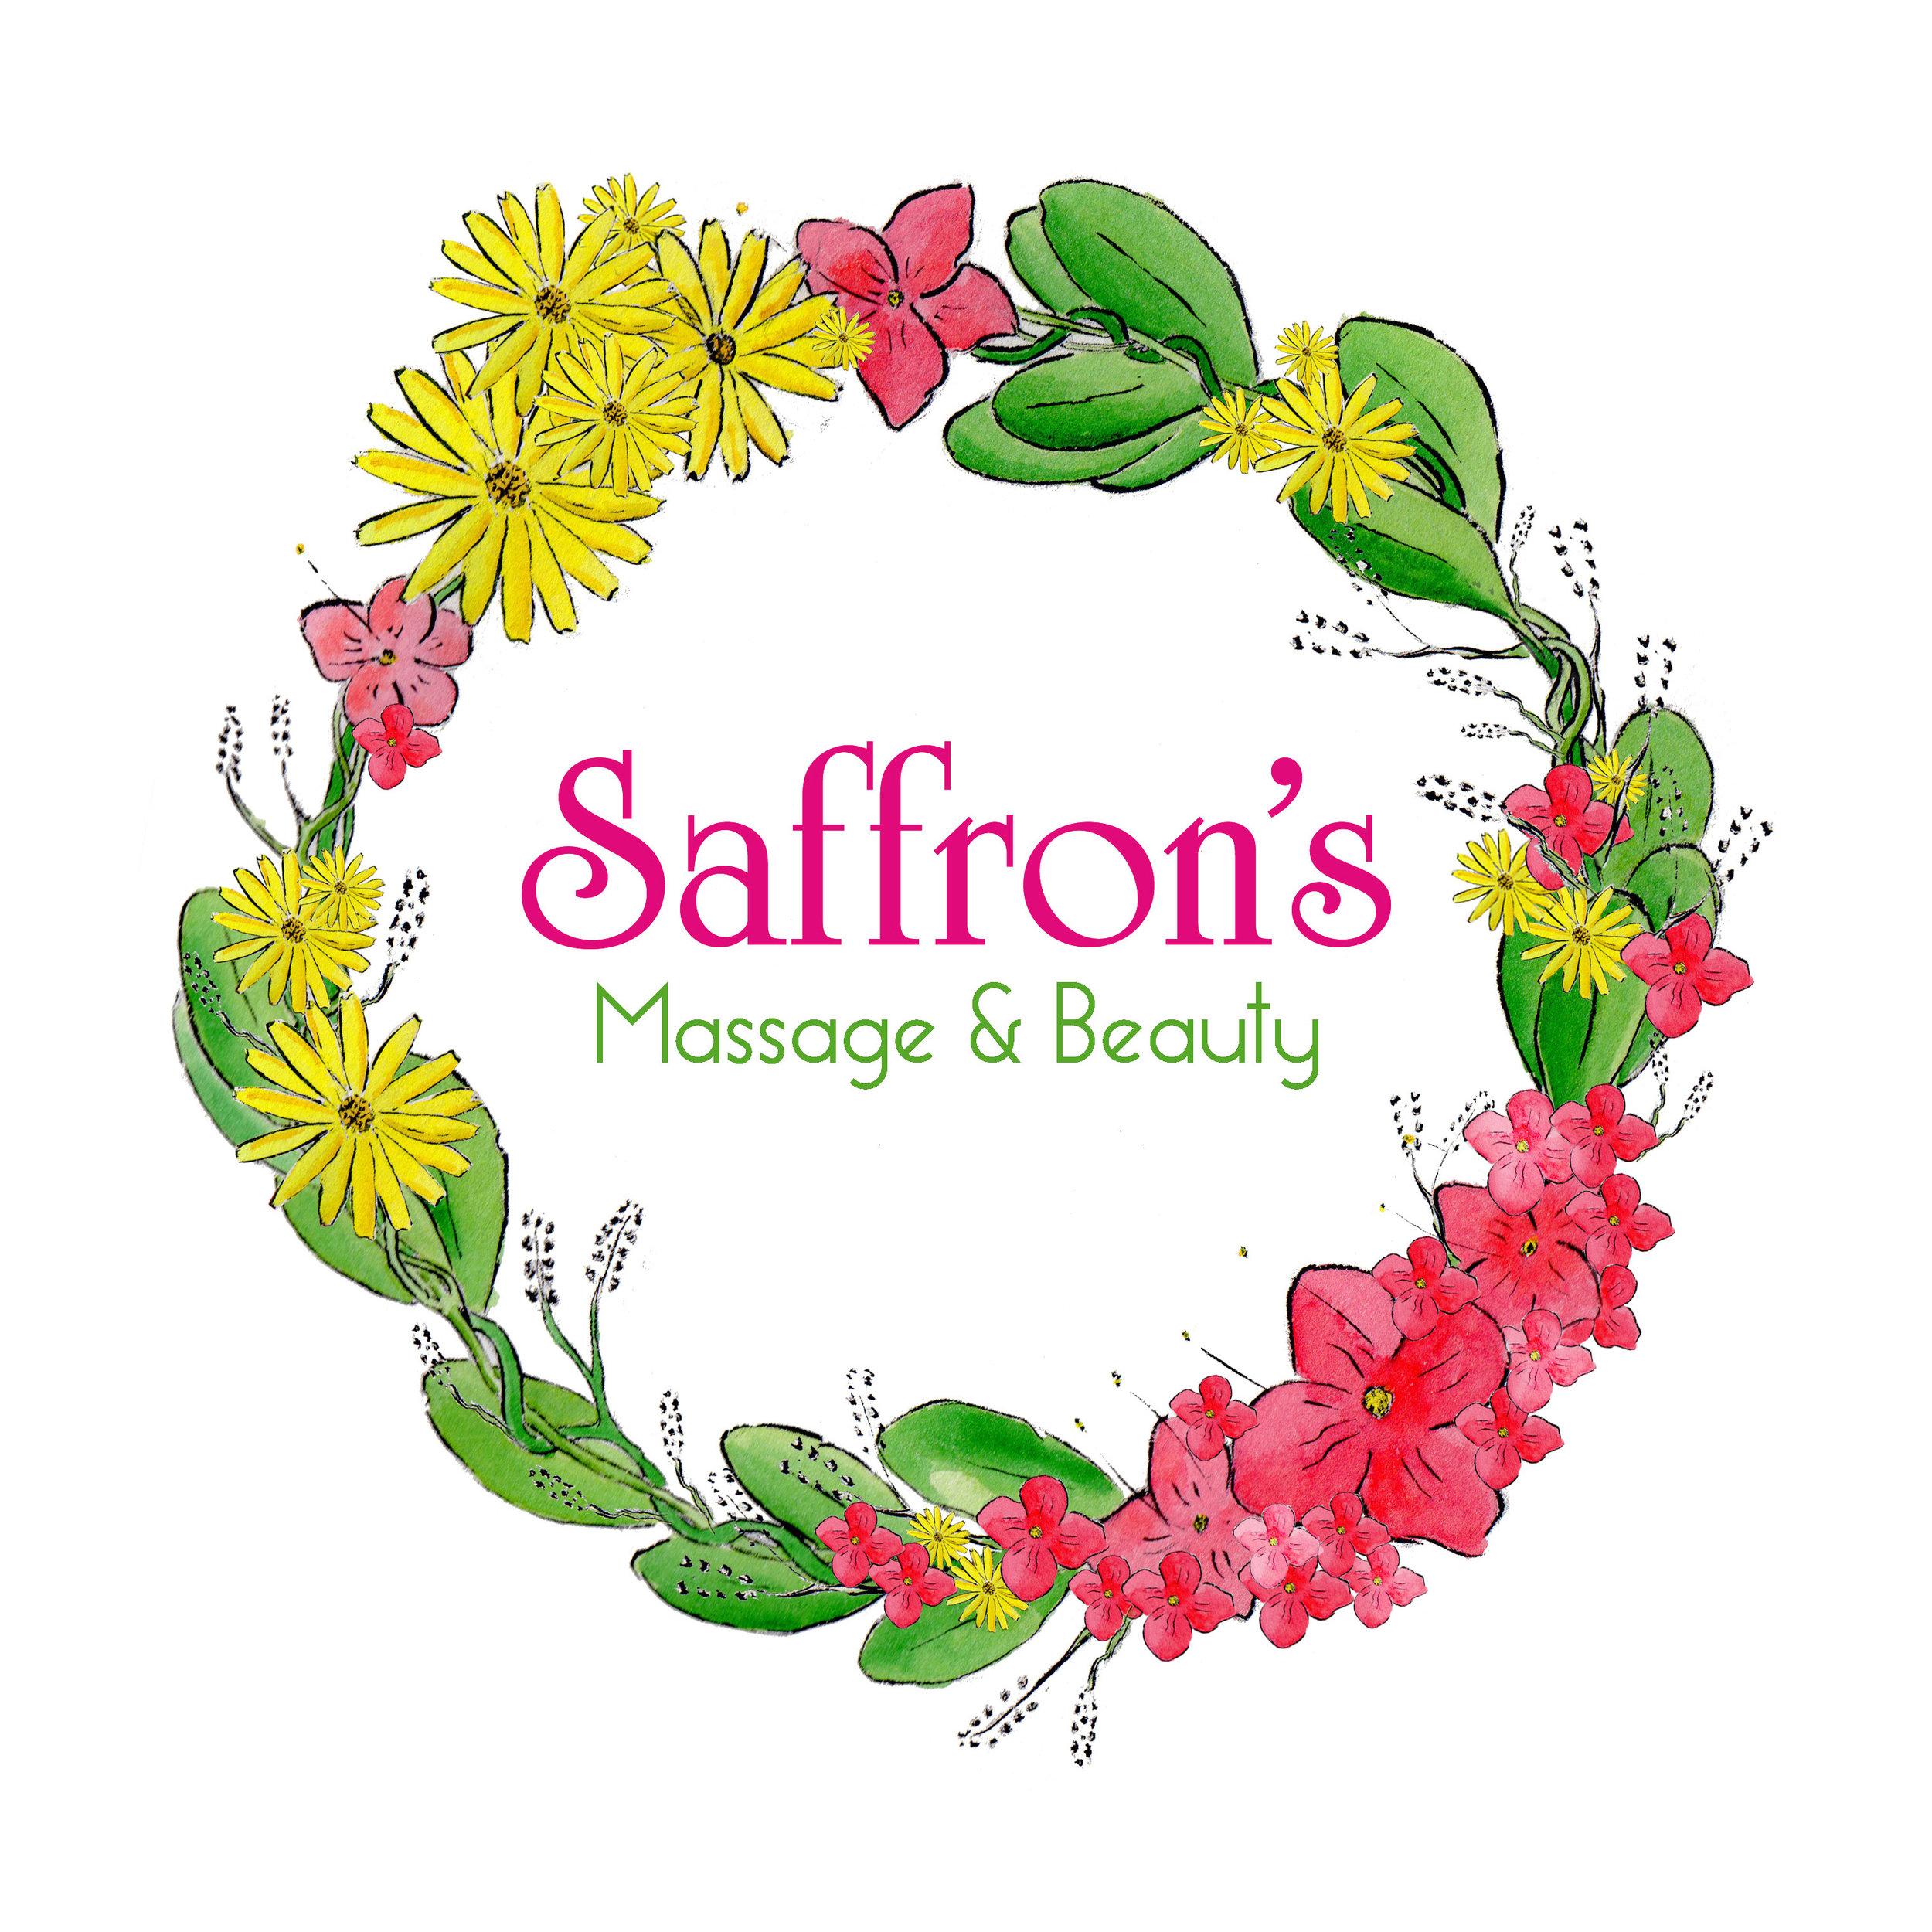 Saffron's Massage and Beauty